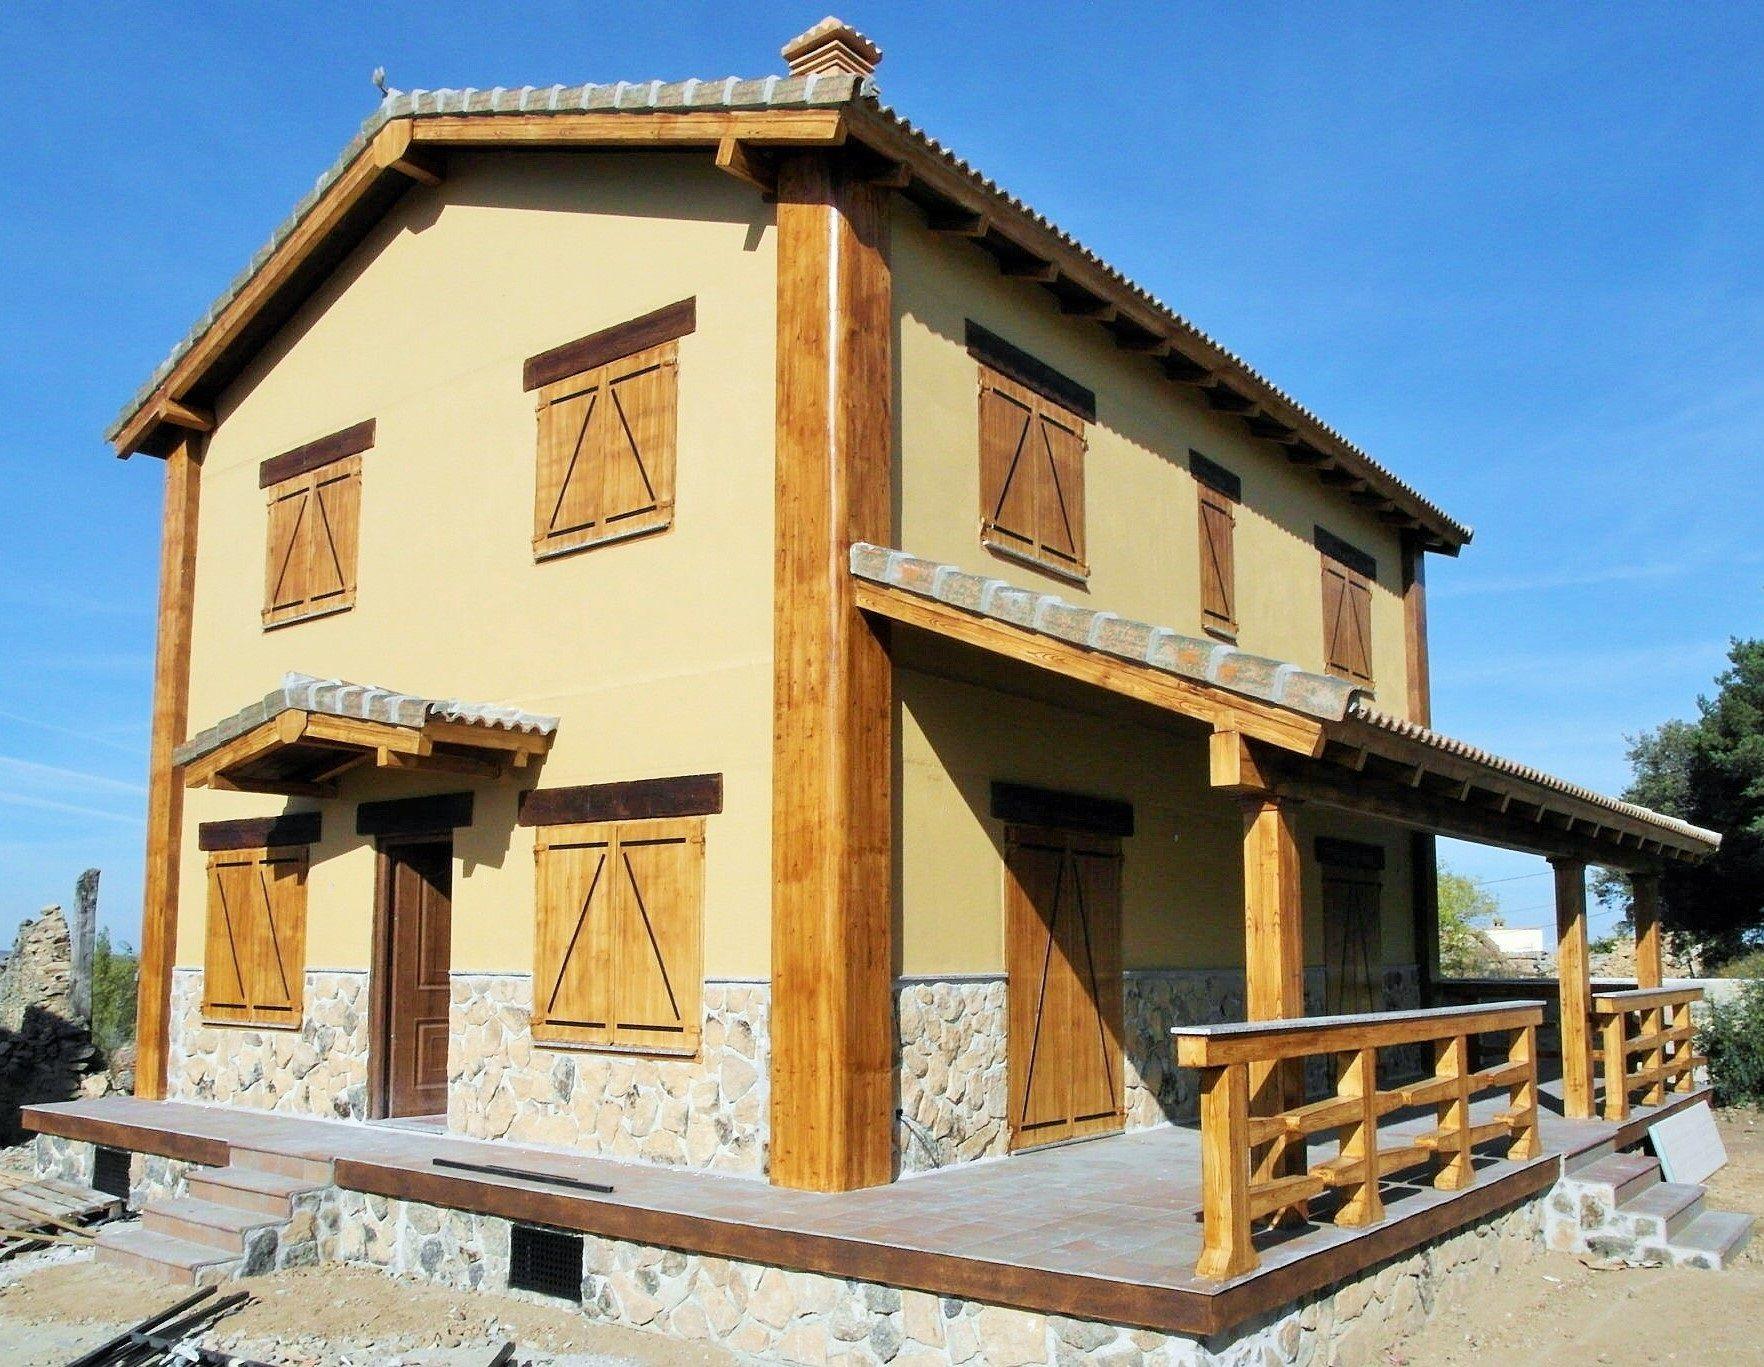 Casa prefabricada de hormigon de 2 plantas vivienda de 150m2 con 4 dormitorios 2 ba os casas - Casas prefabricadas alcorcon ...